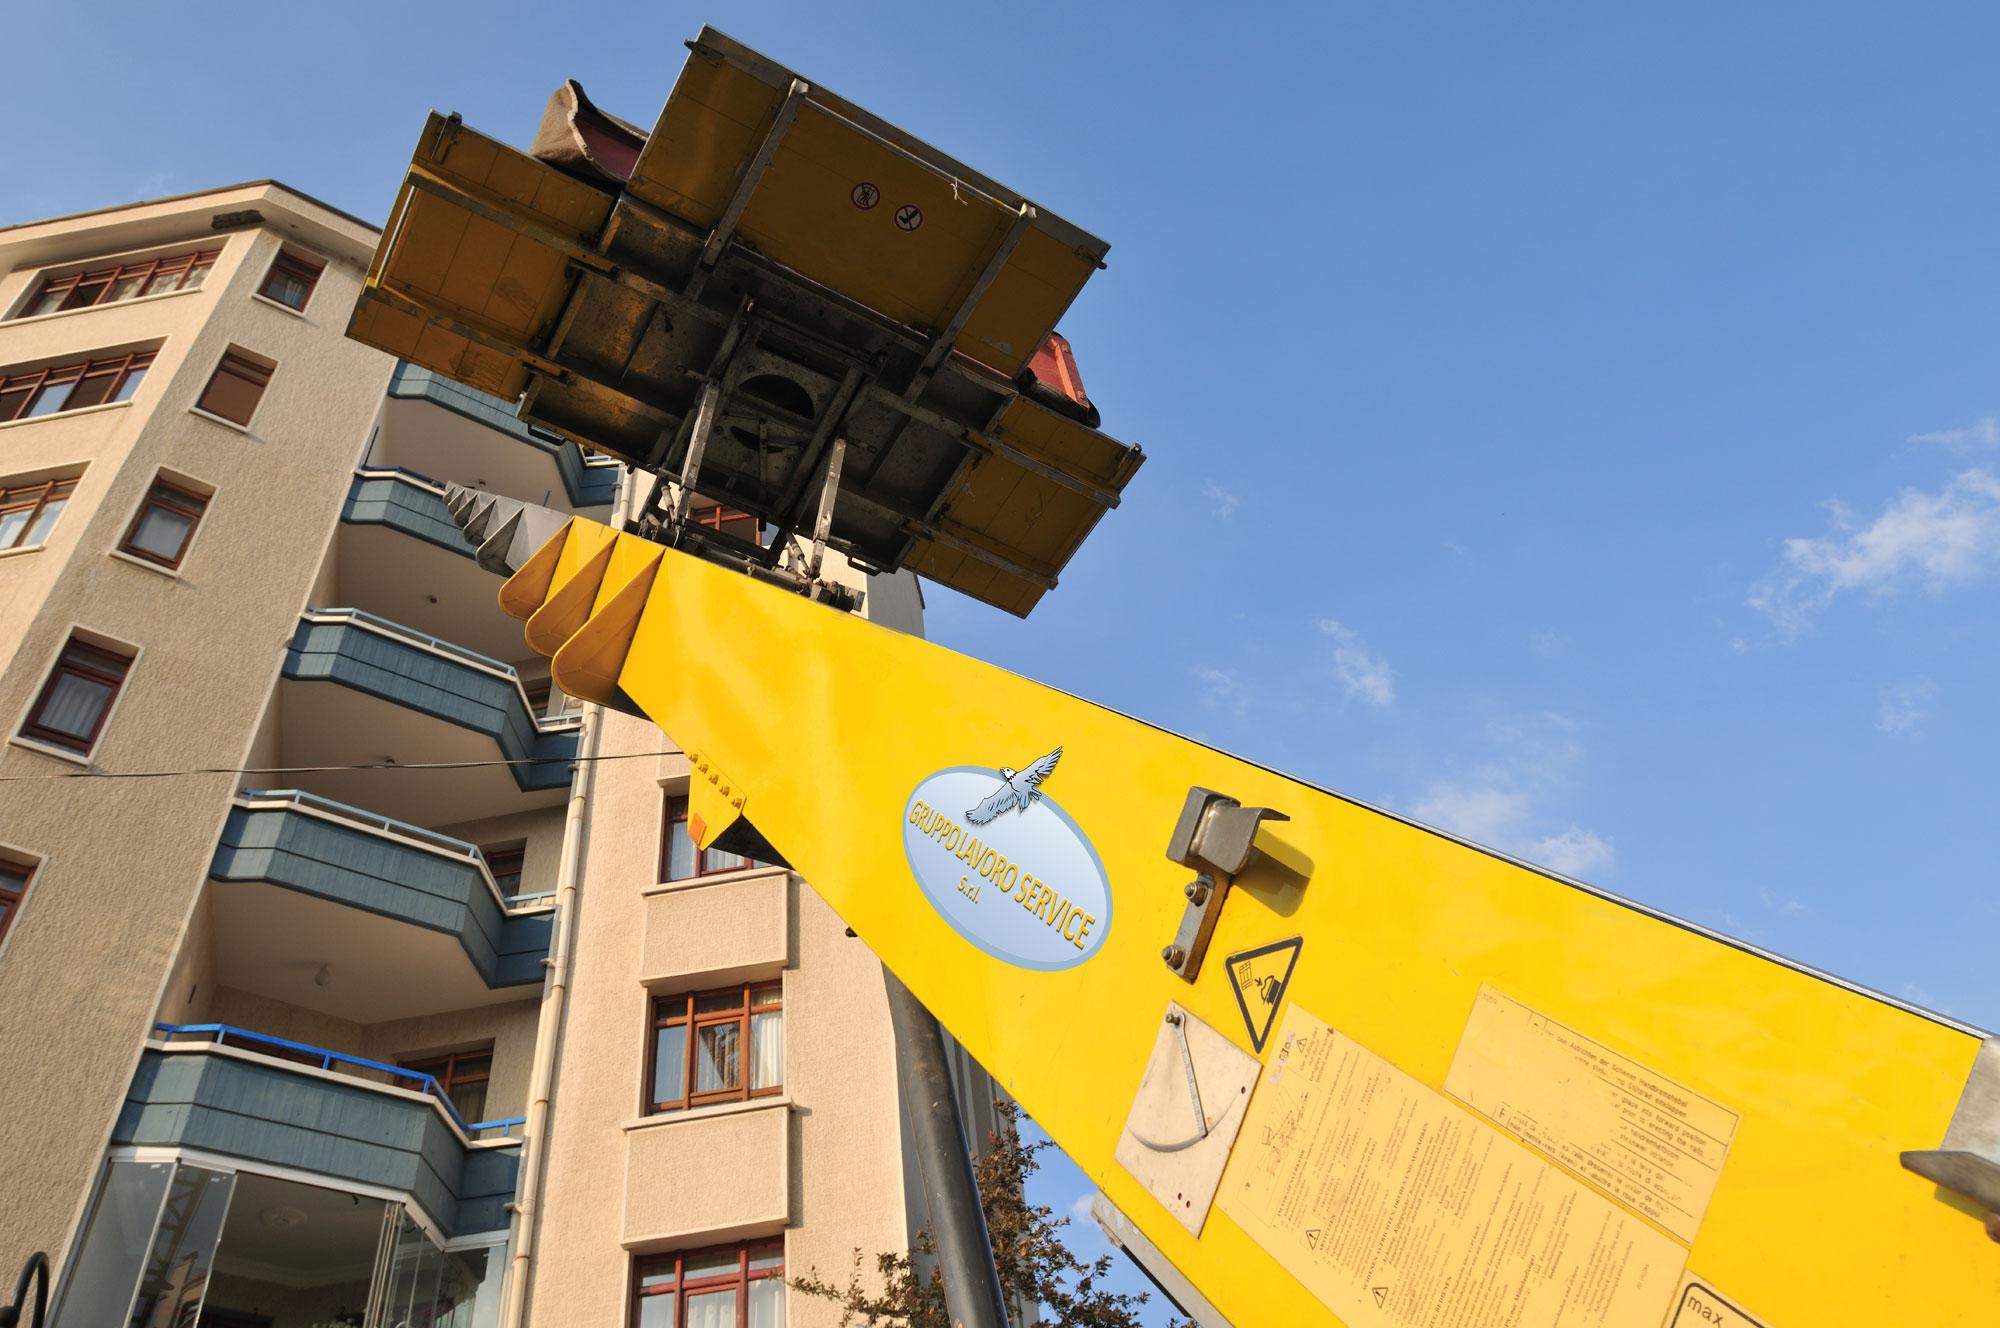 Gruppo Lavoro Service - Trasloco ufficio Bari